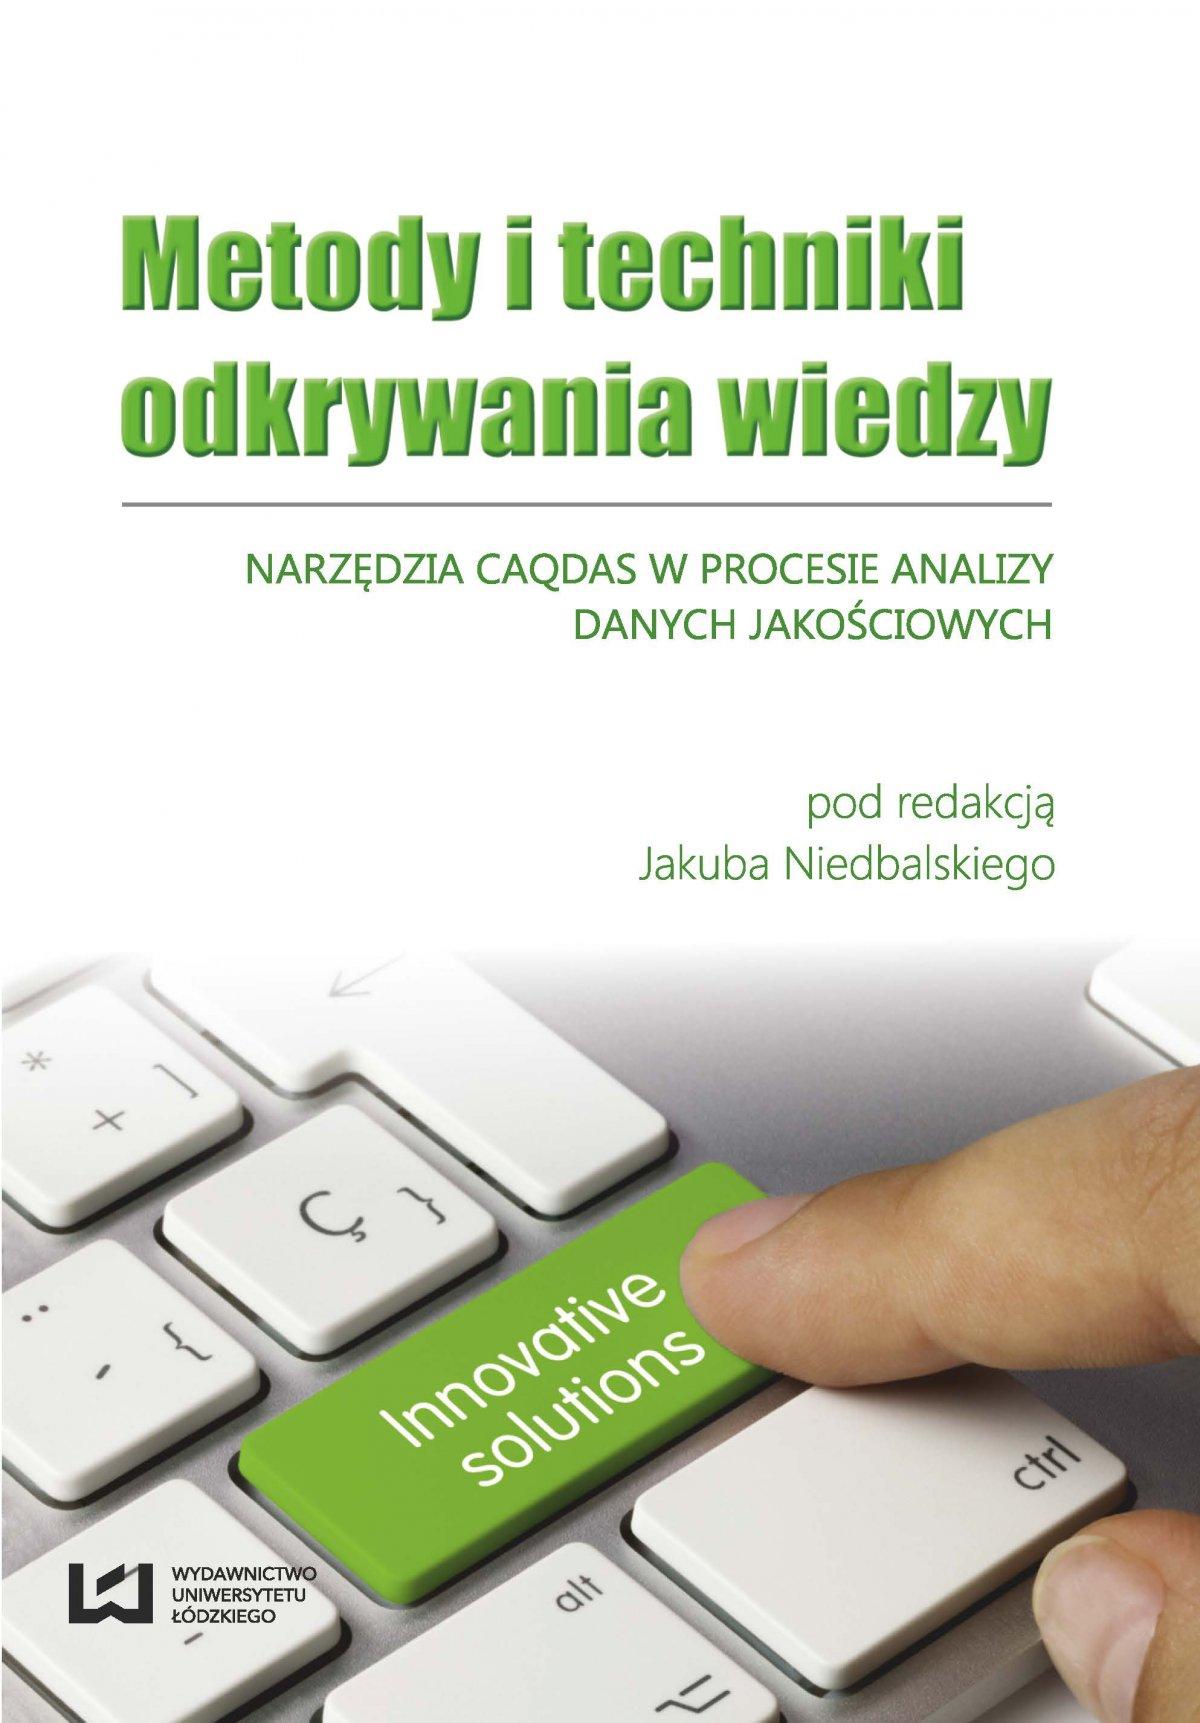 Metody i techniki odkrywania wiedzy. Narzędzia CAQDAS w procesie analizy danych jakościowych - Ebook (Książka PDF) do pobrania w formacie PDF